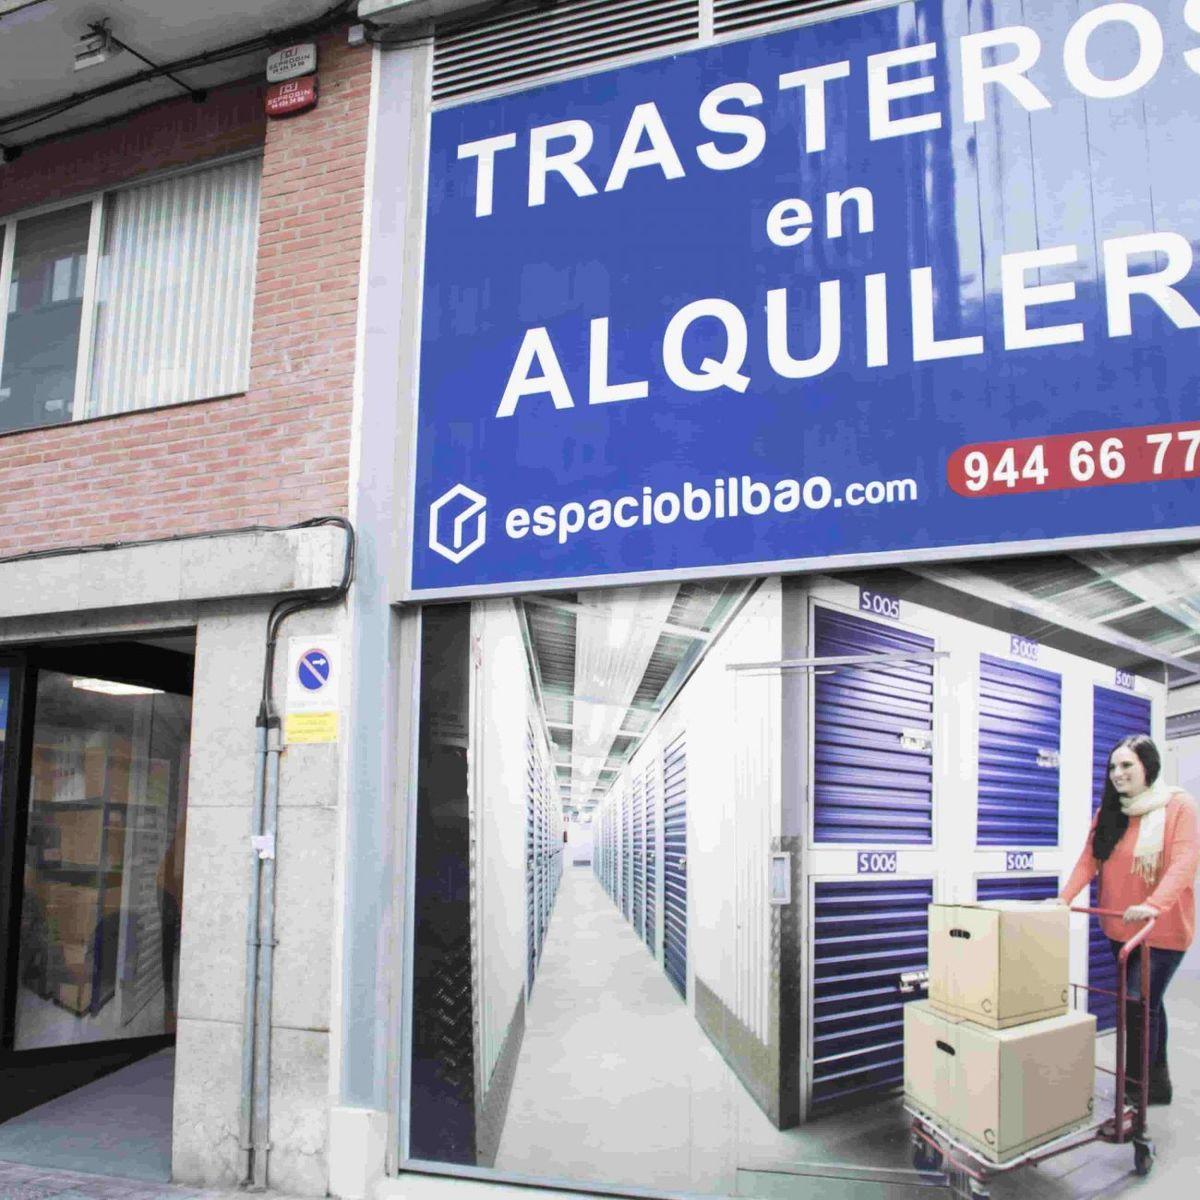 Espacio Bilbao, alquiler de trasteros y mini almacenes